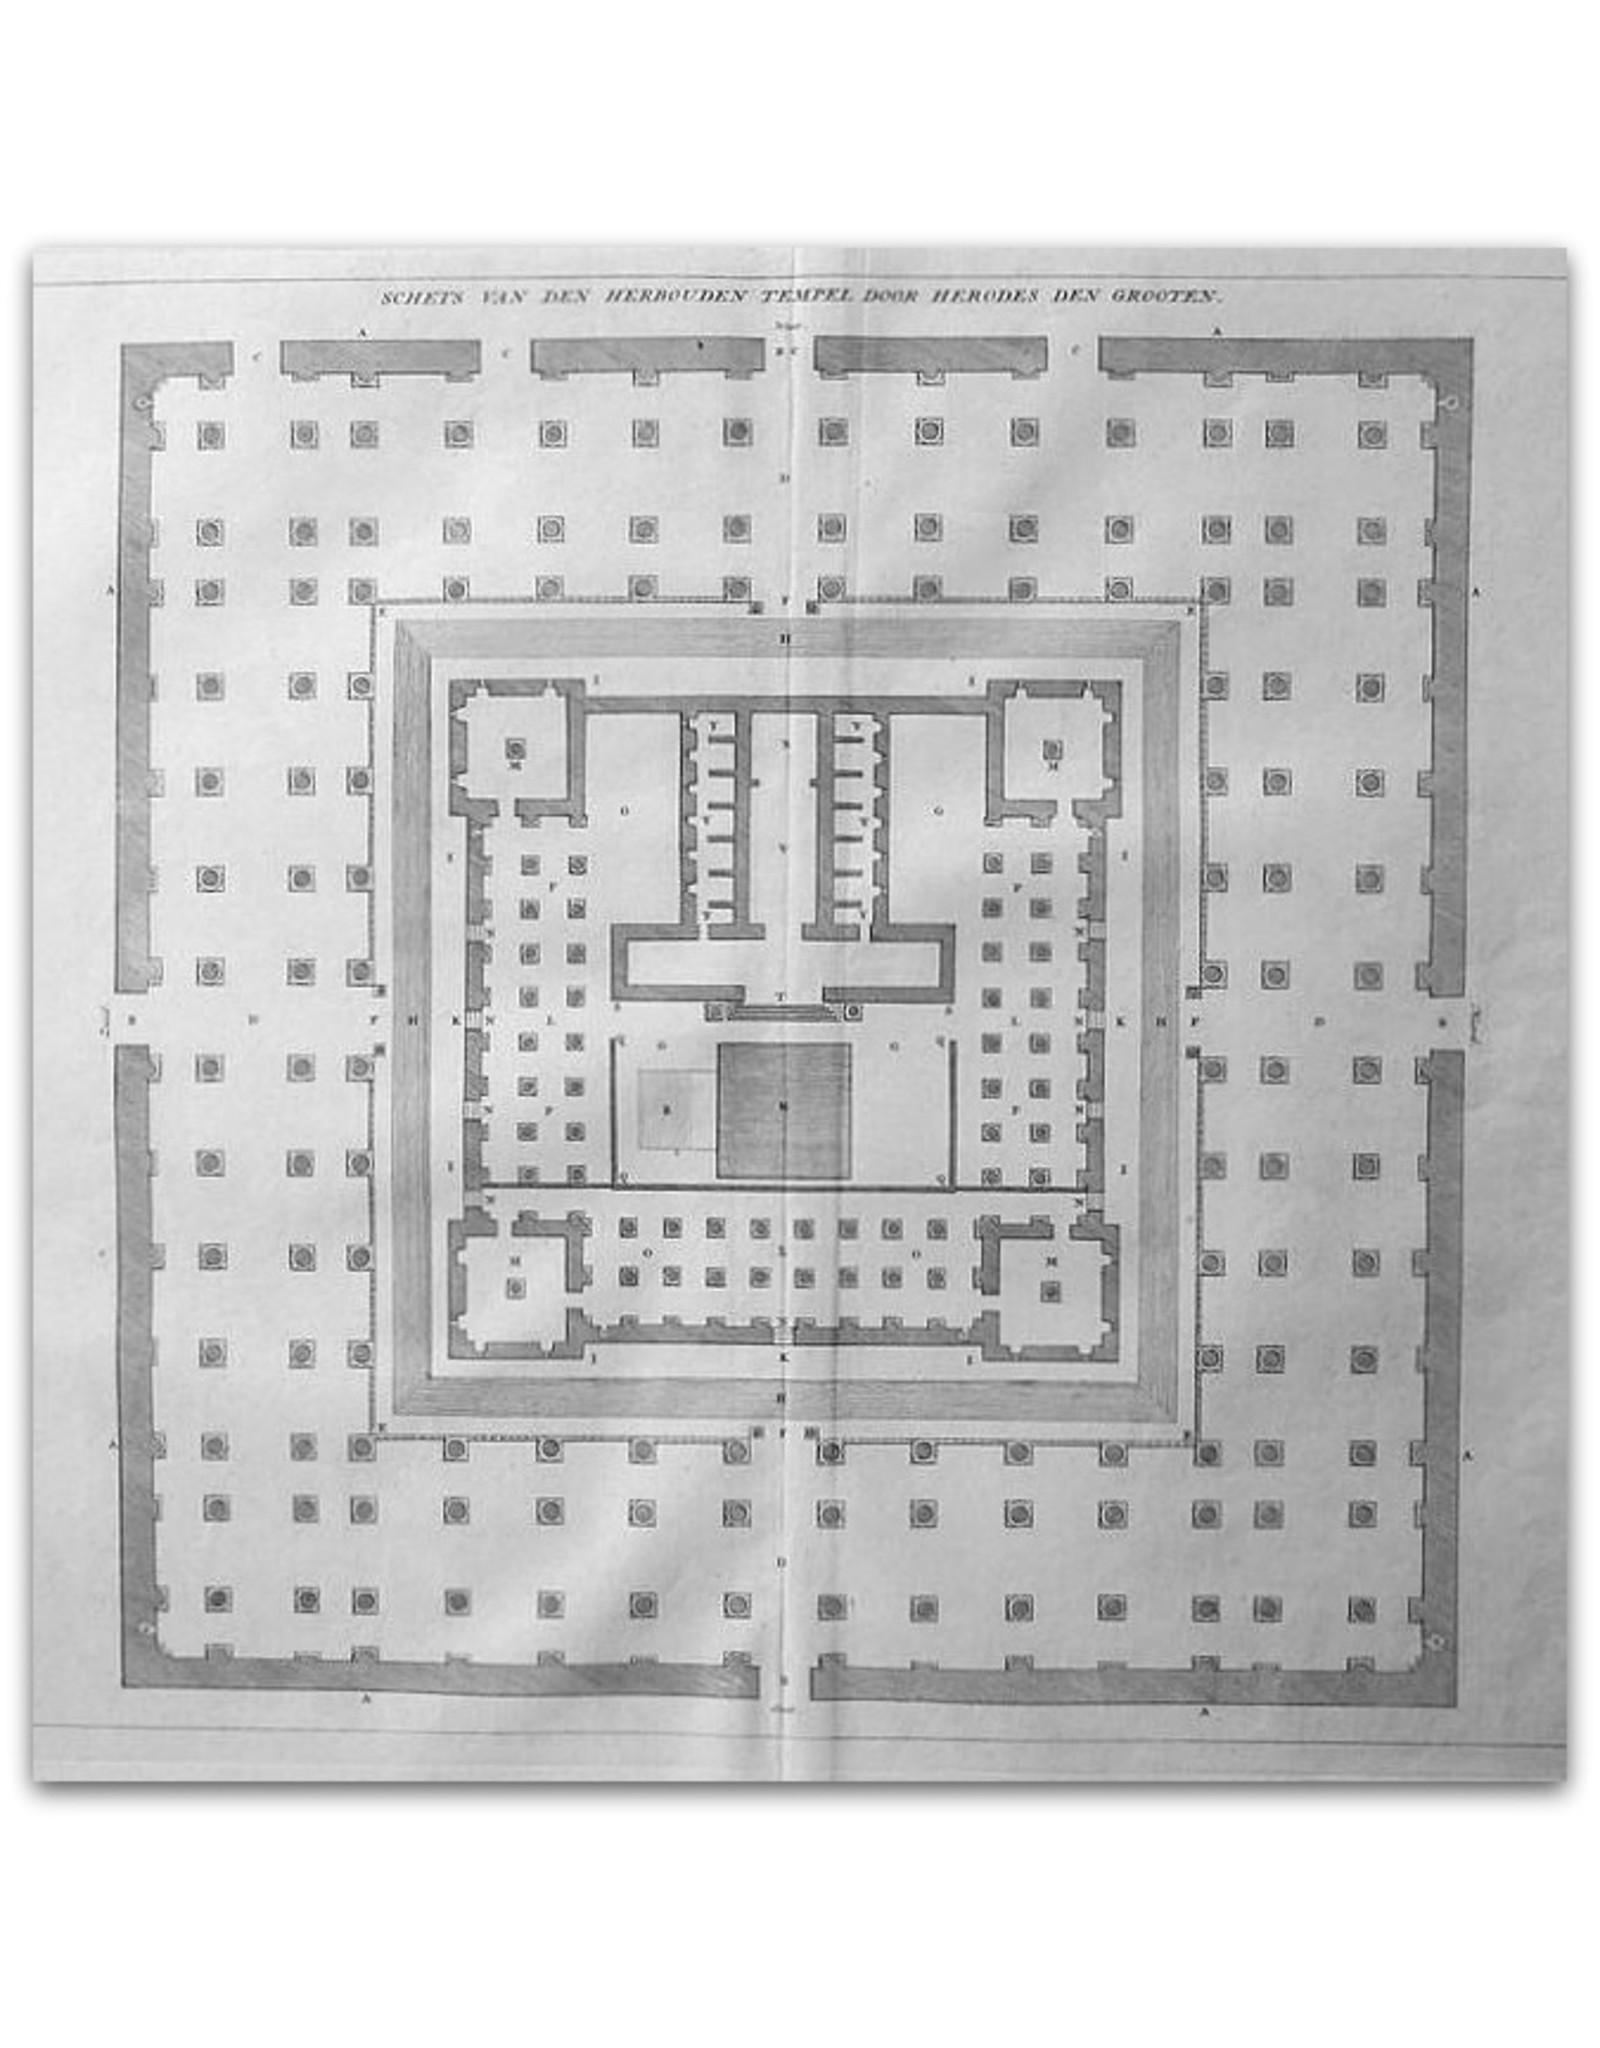 [Augustinus Calmet] - Schets van den herbouden Tempel door Herodes den Grooten